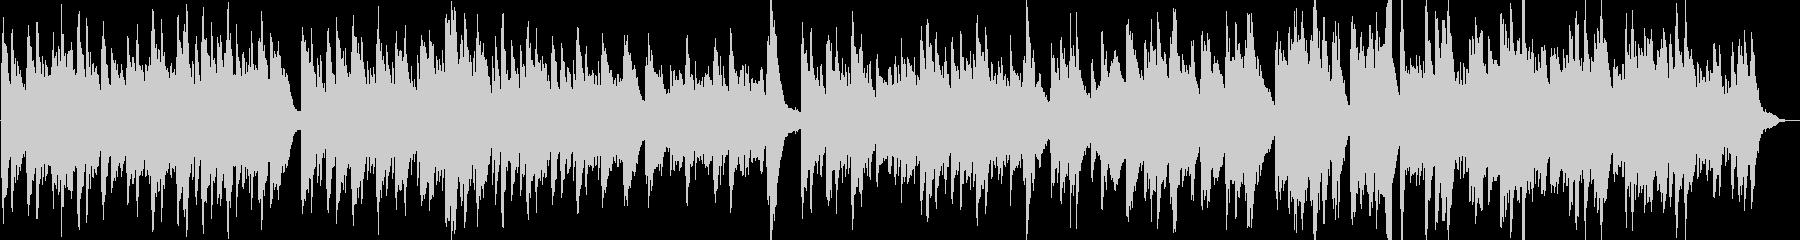 幻想的で綺麗なピアノBGM9の未再生の波形